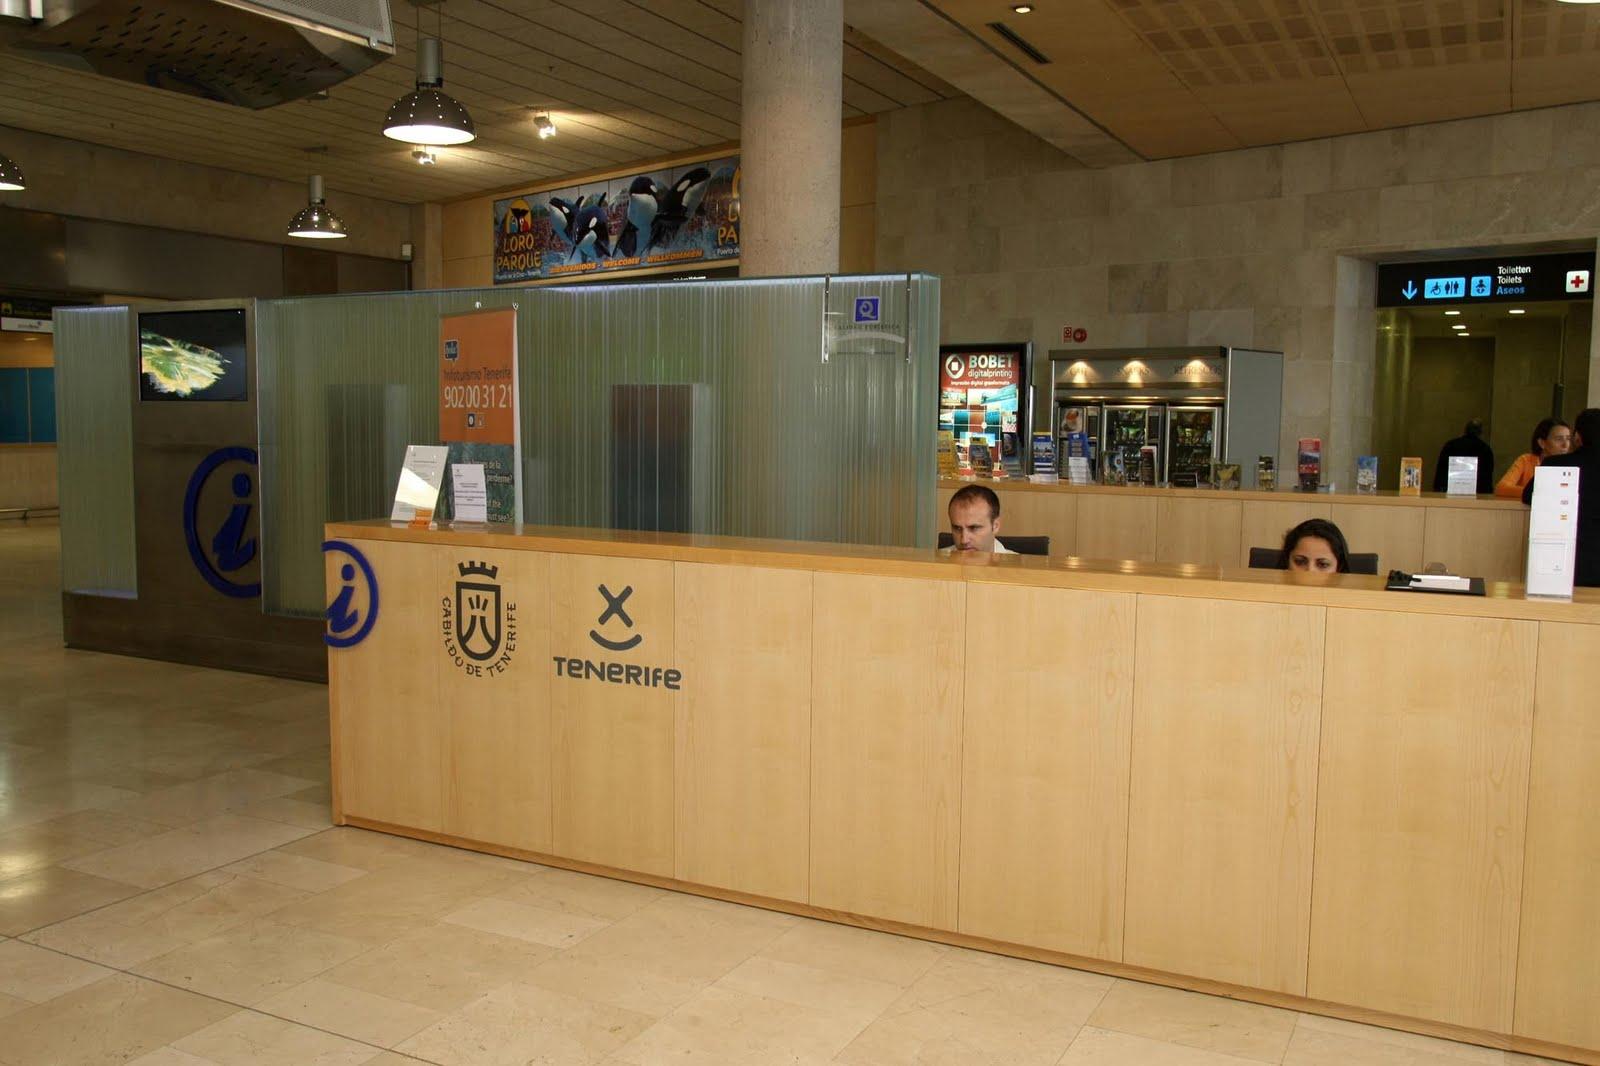 La oficina de informaci n tur stica del aeropuerto for Oficina informacion y turismo valencia